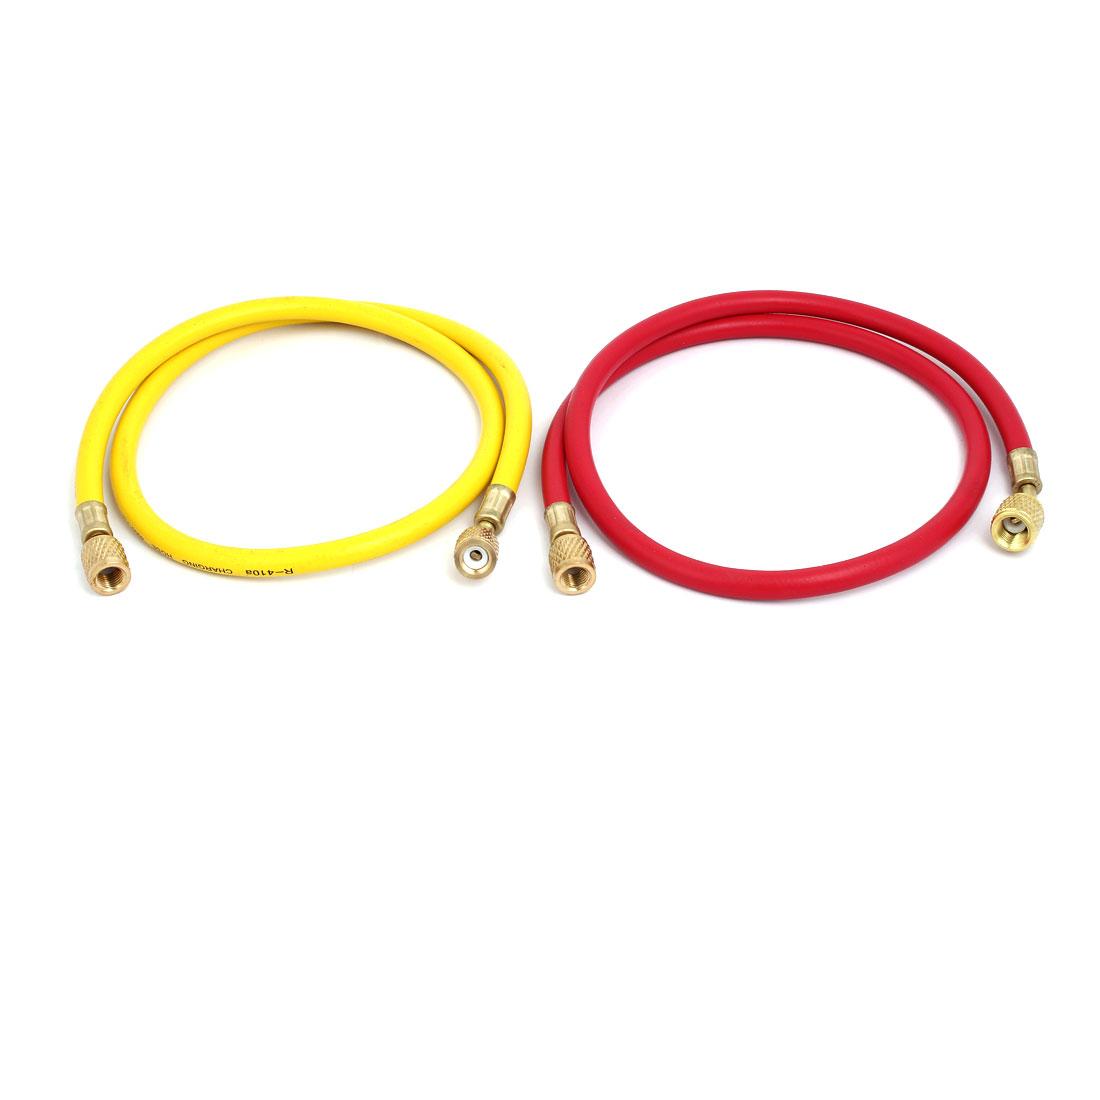 2pcs 0.93M 1/4NPT to M12 Refrigeration Charging Hose for AC Refrigerant R410